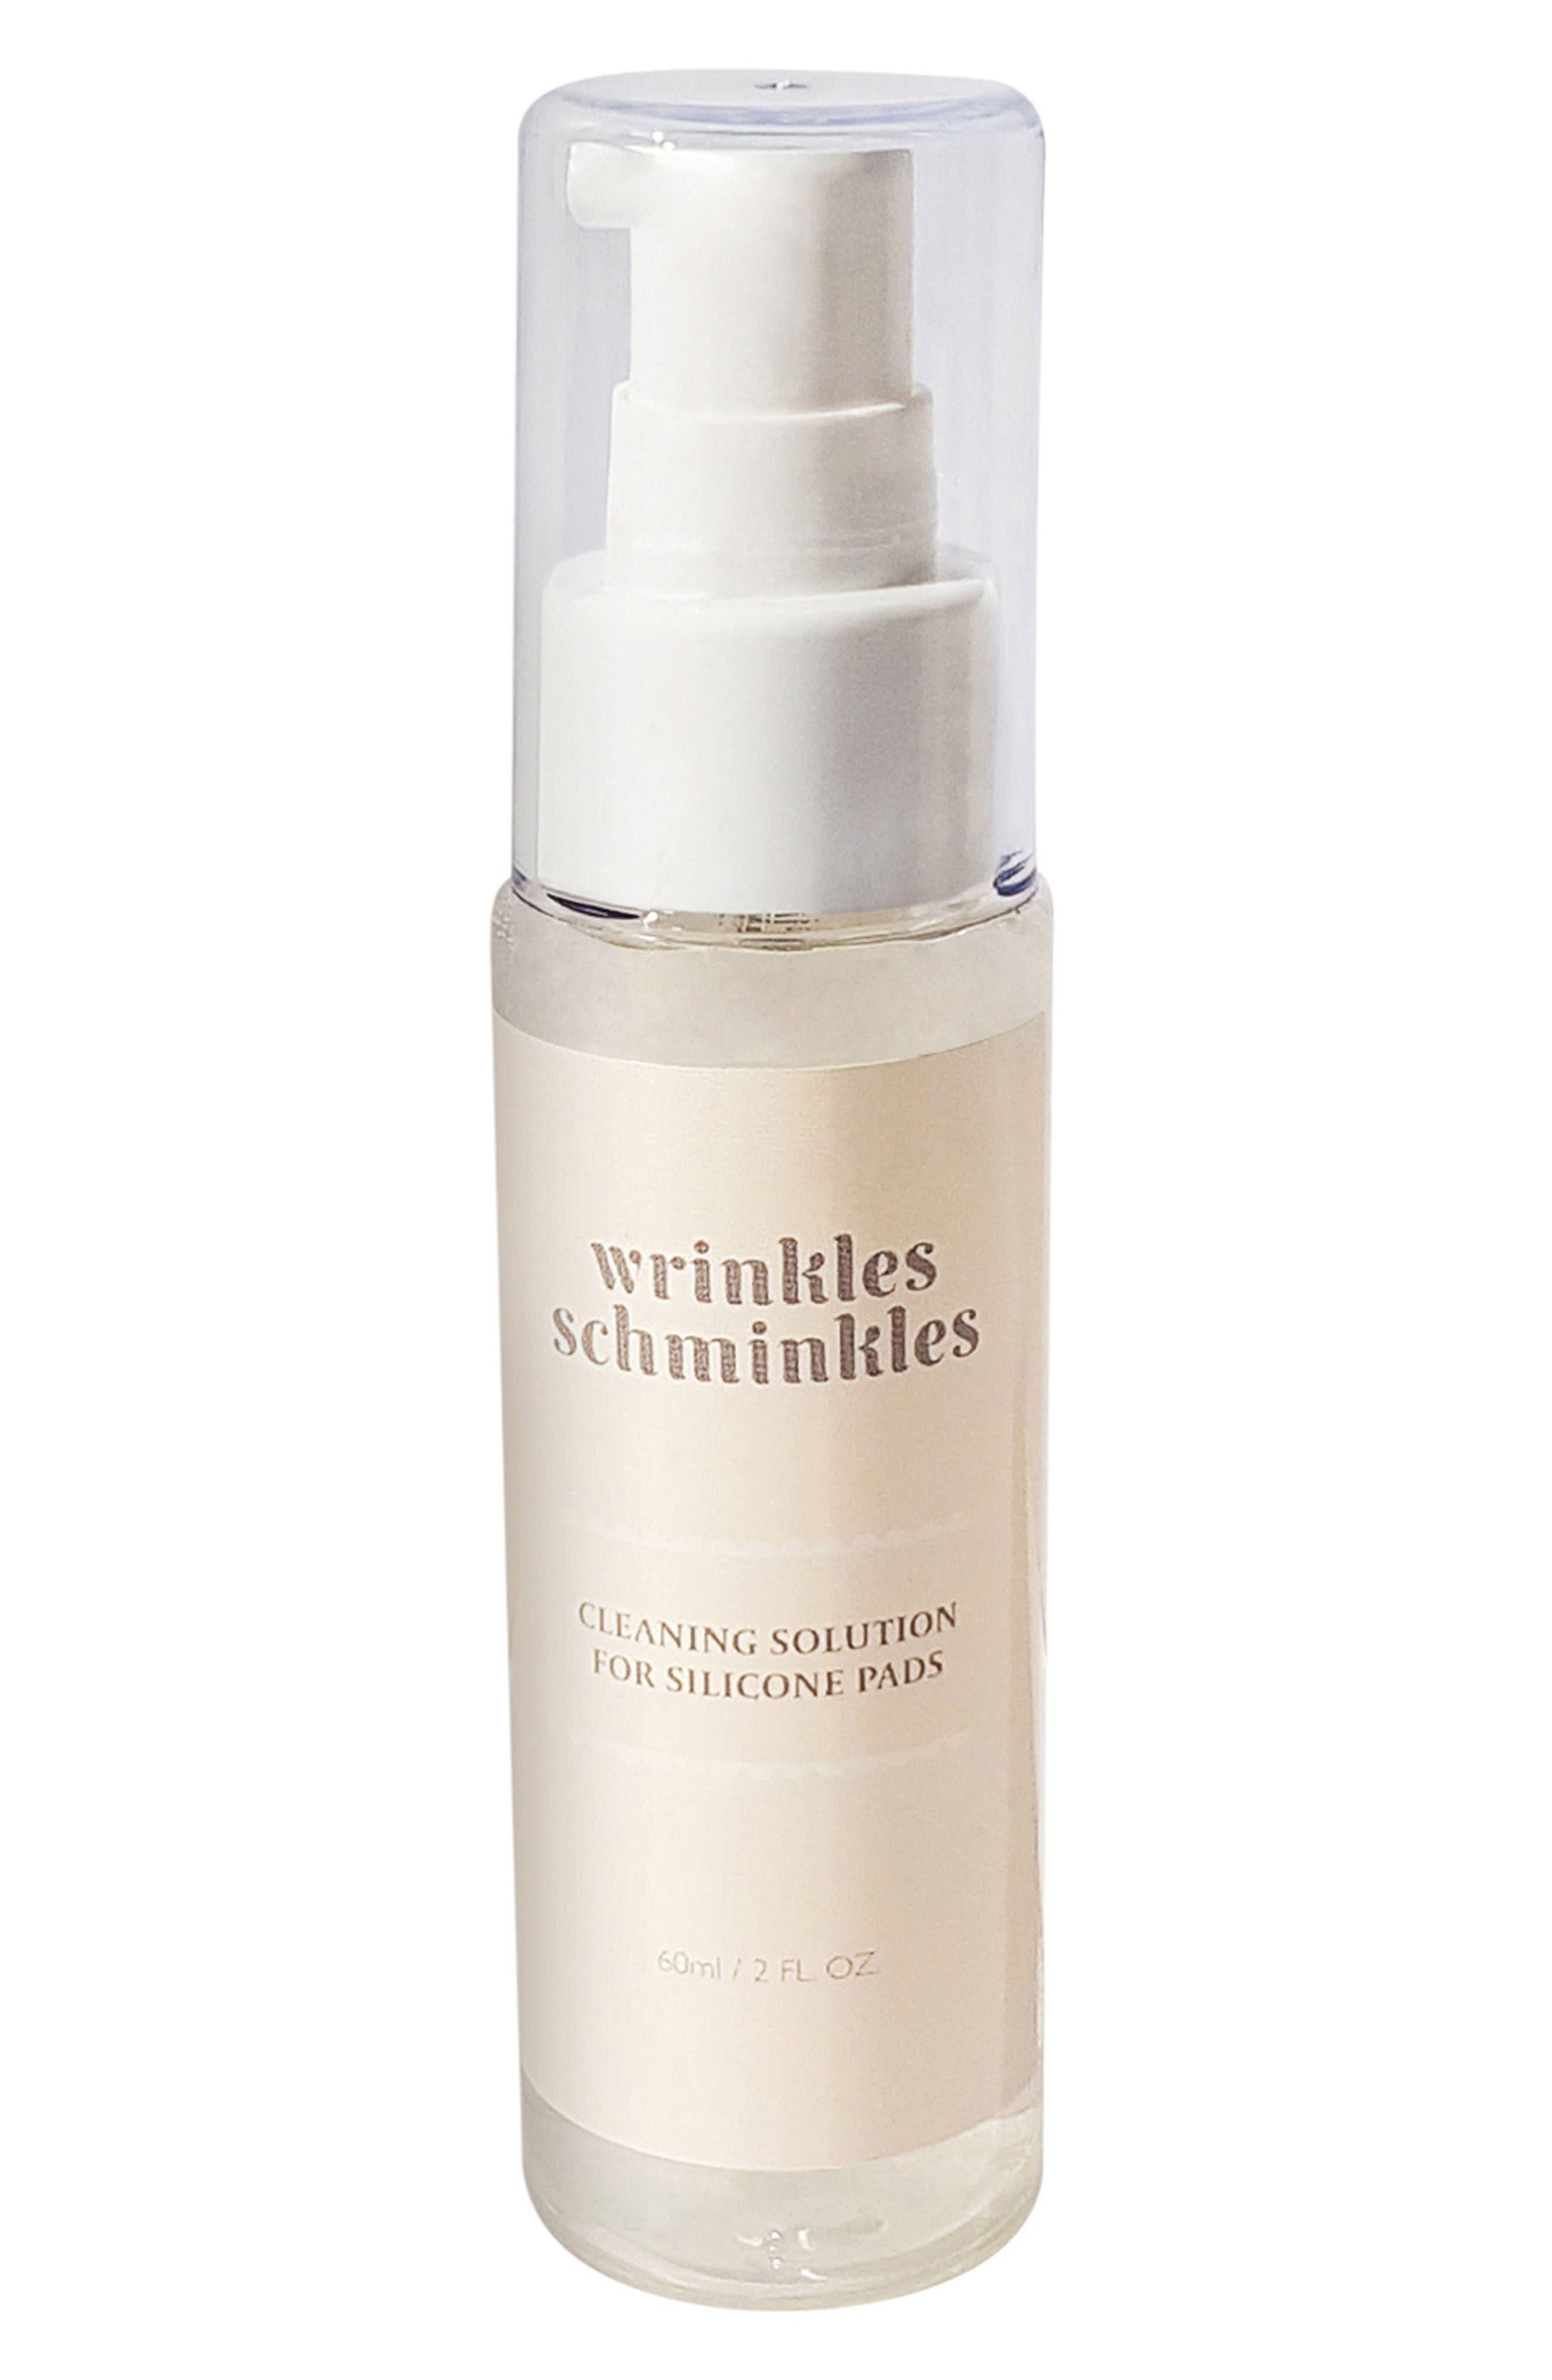 Wrinkles Schminkles Cleansing Solution